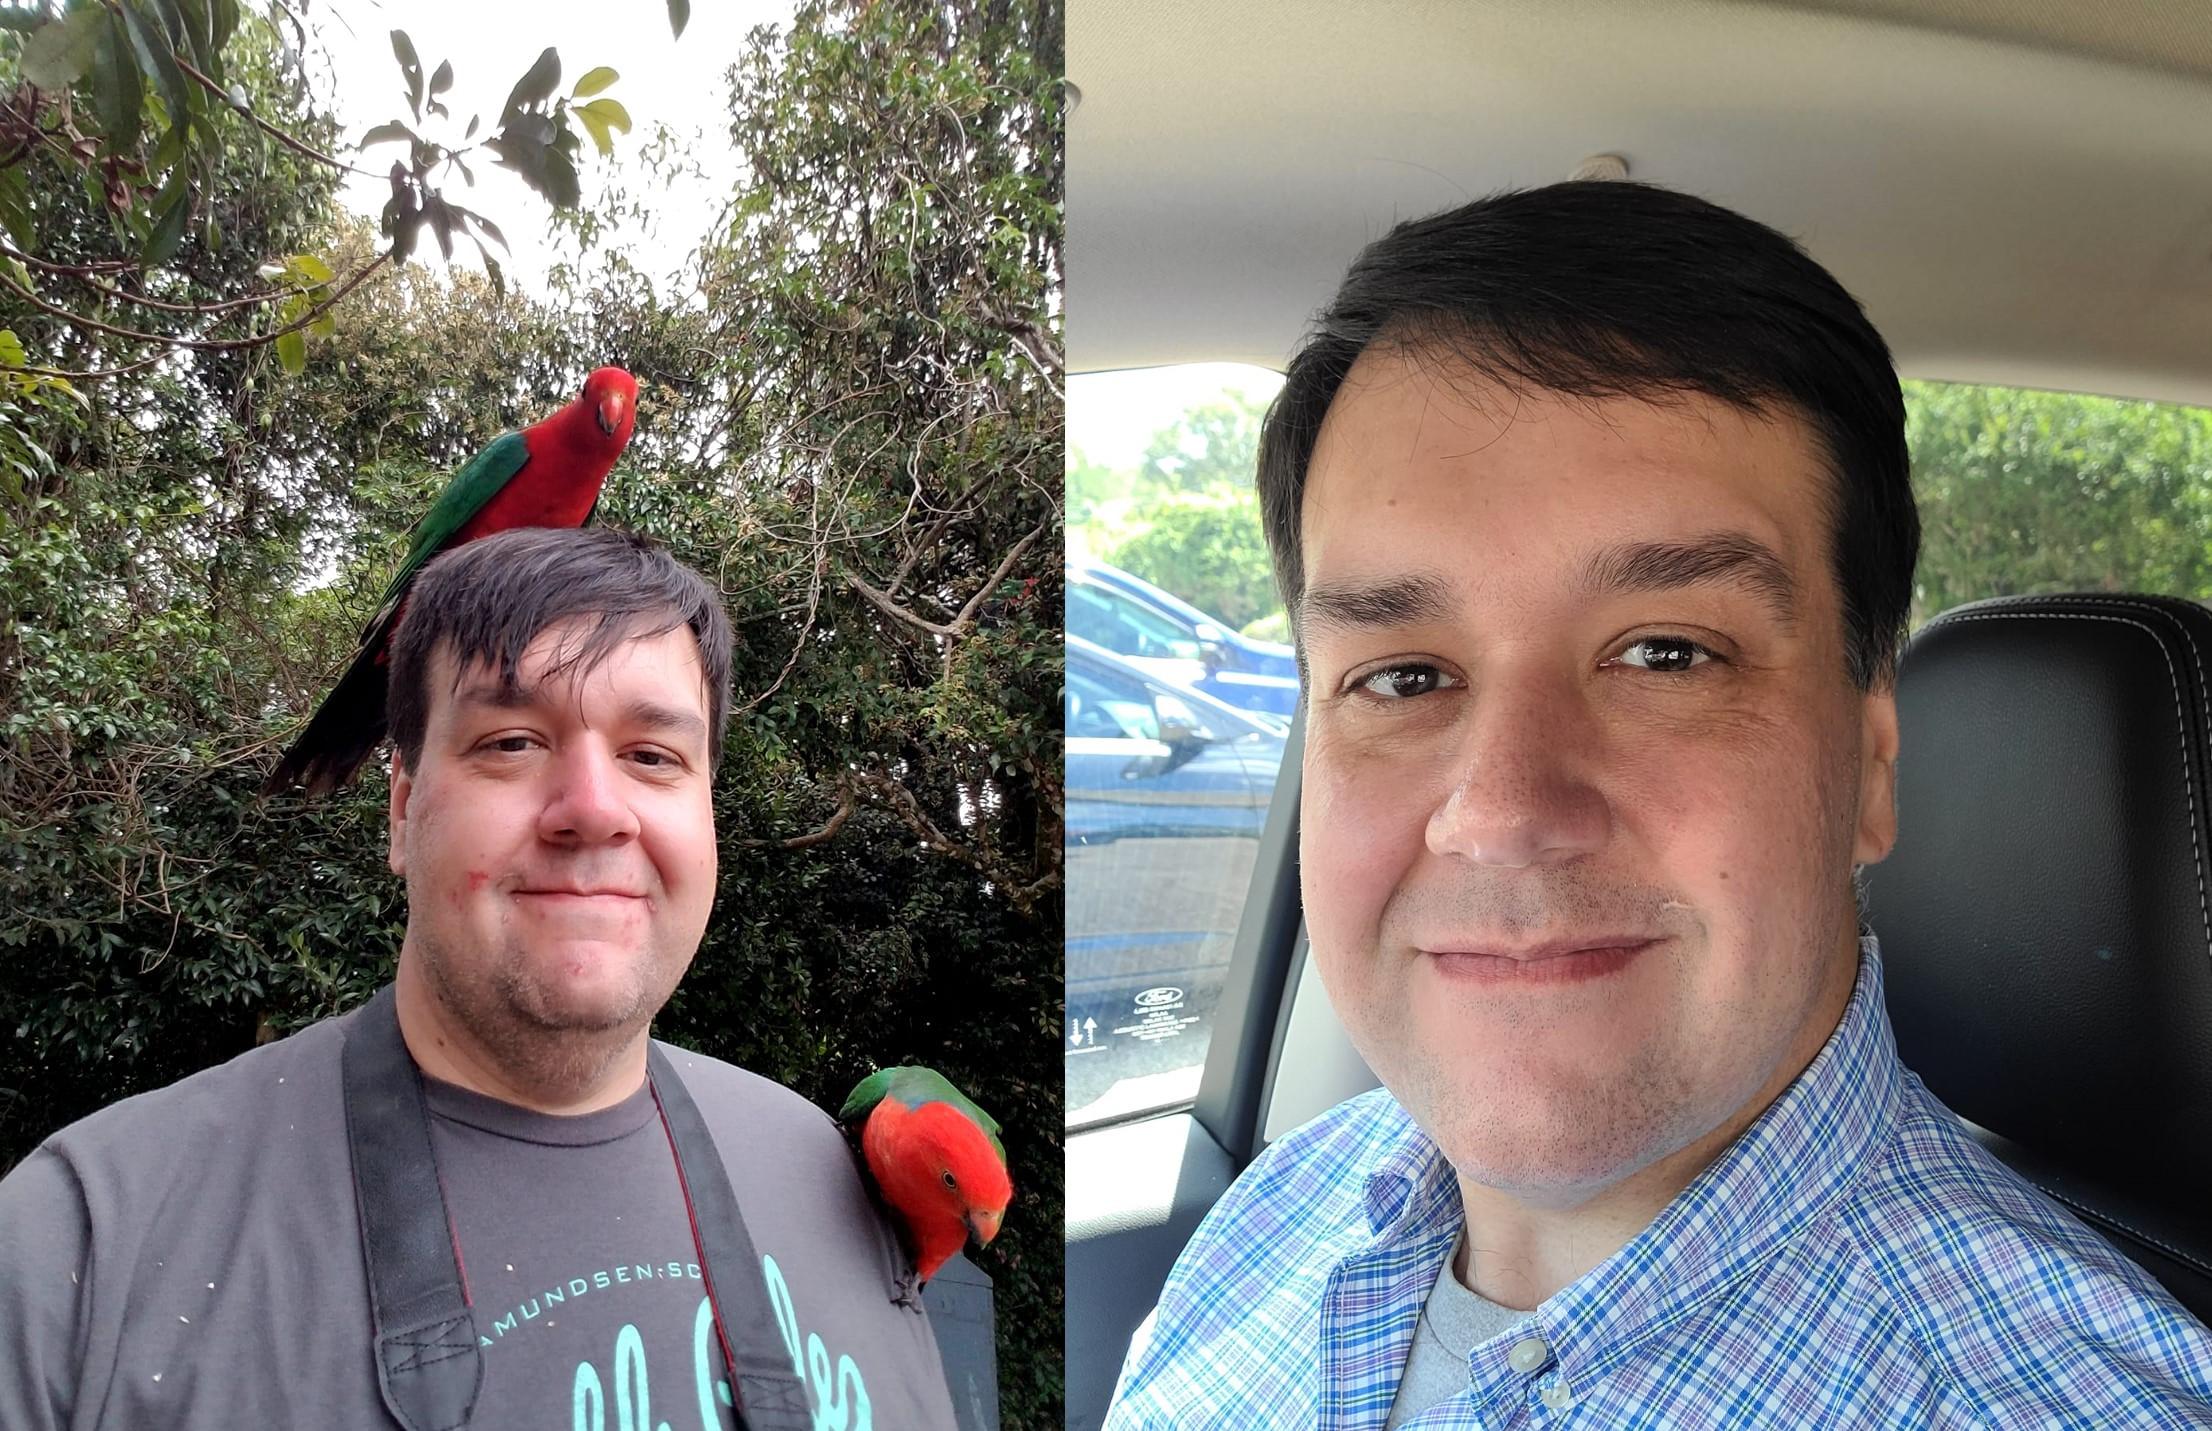 53 lbs Fat Loss 6'4 Male 302 lbs to 249 lbs